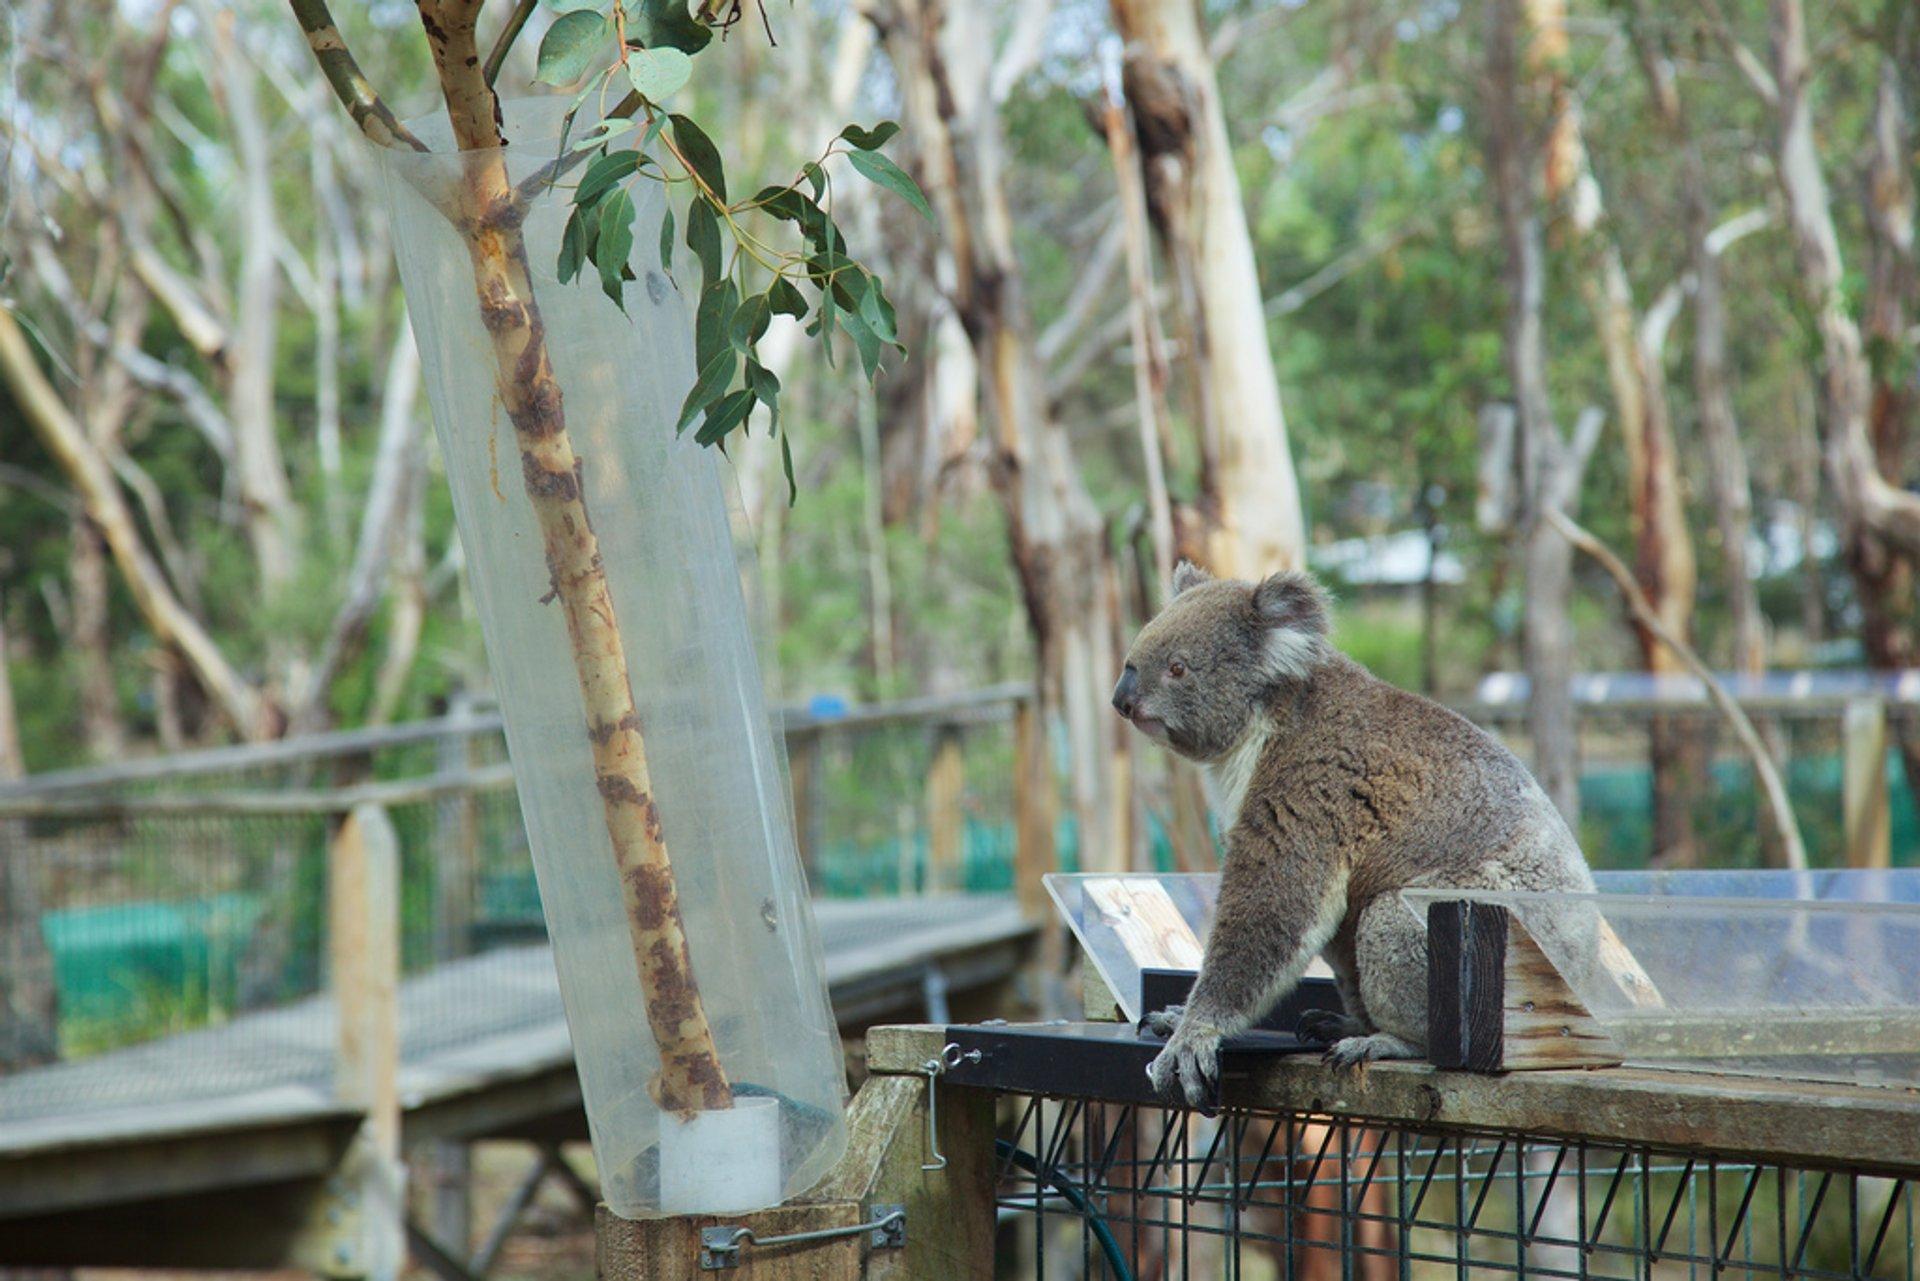 Koalas in Victoria - Best Season